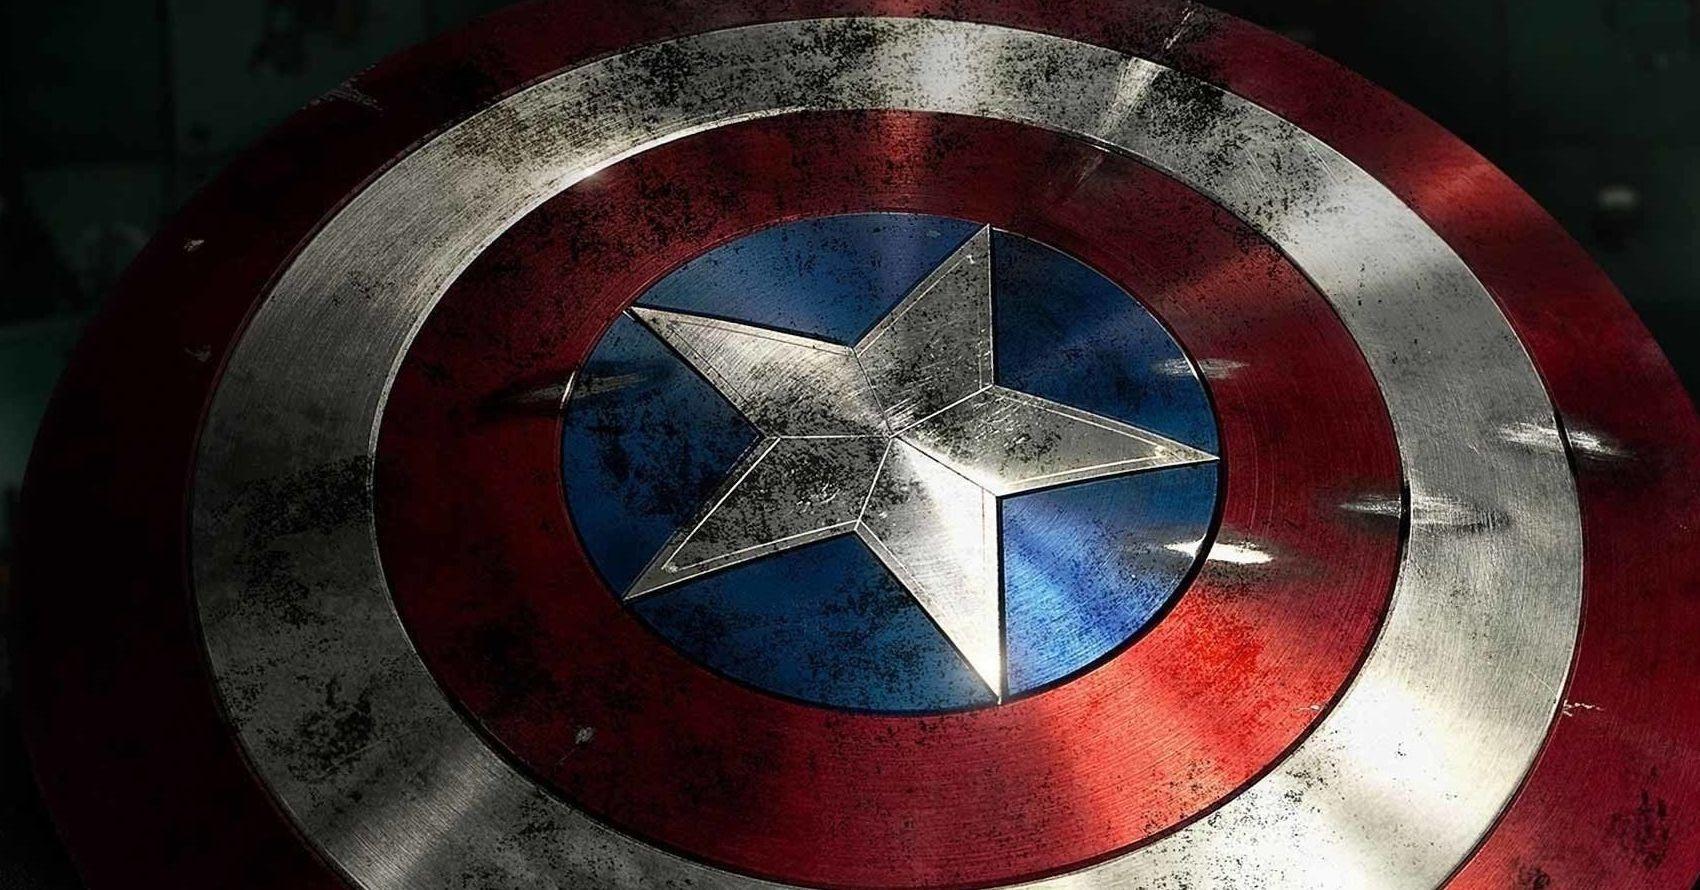 Escudo usado por Capitão América no filme será sorteado entre fãs